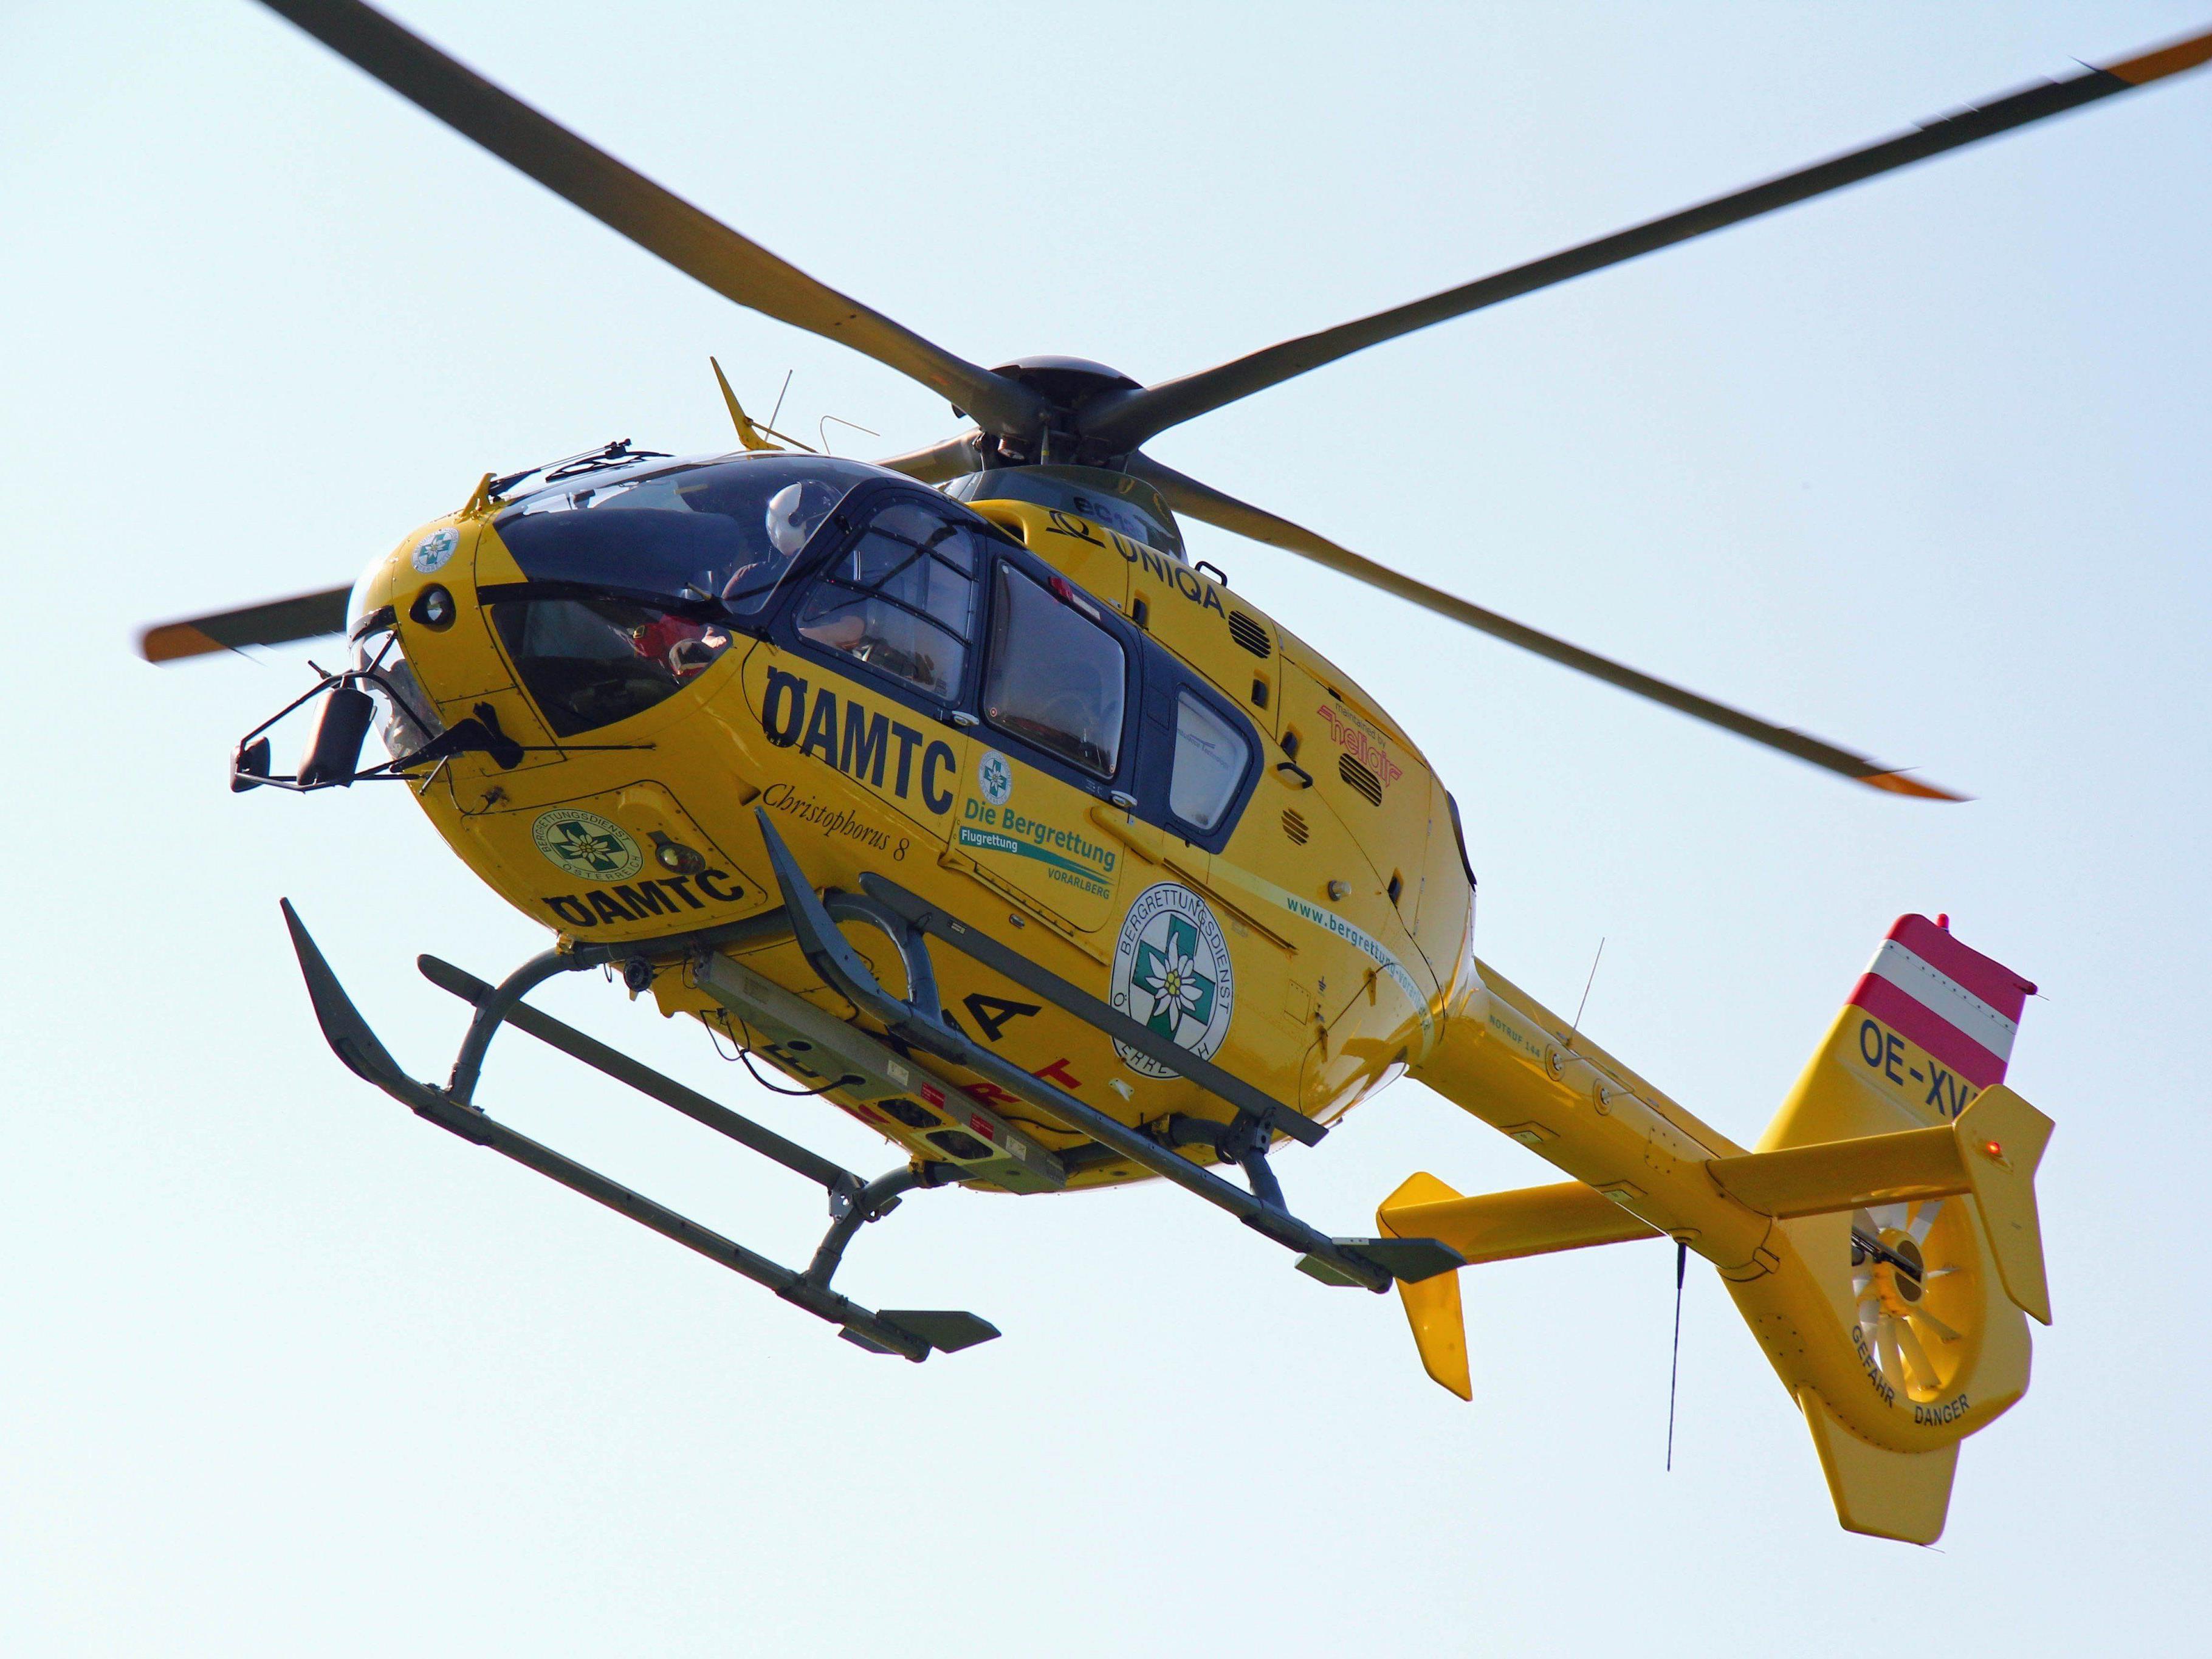 Die 86-Jährige musste mit dem Hubschrauber ins Krankenhaus gebracht werden.